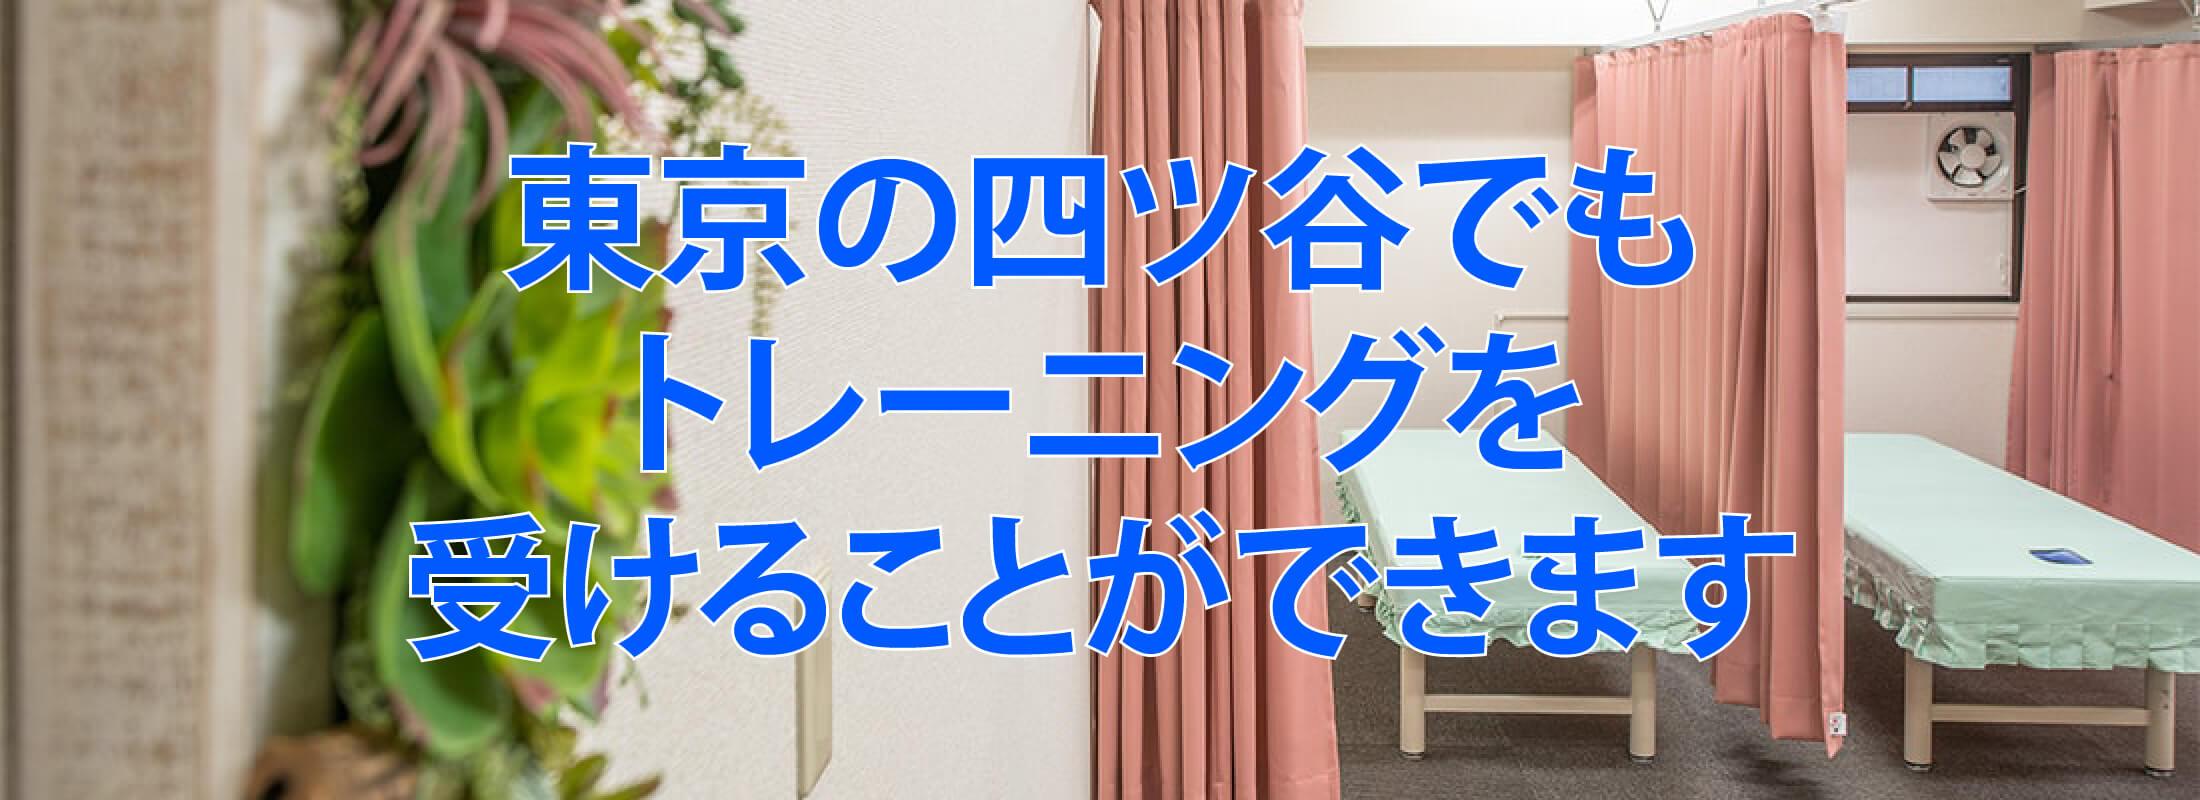 東京の四ツ谷でもトレーニングを受けることができます